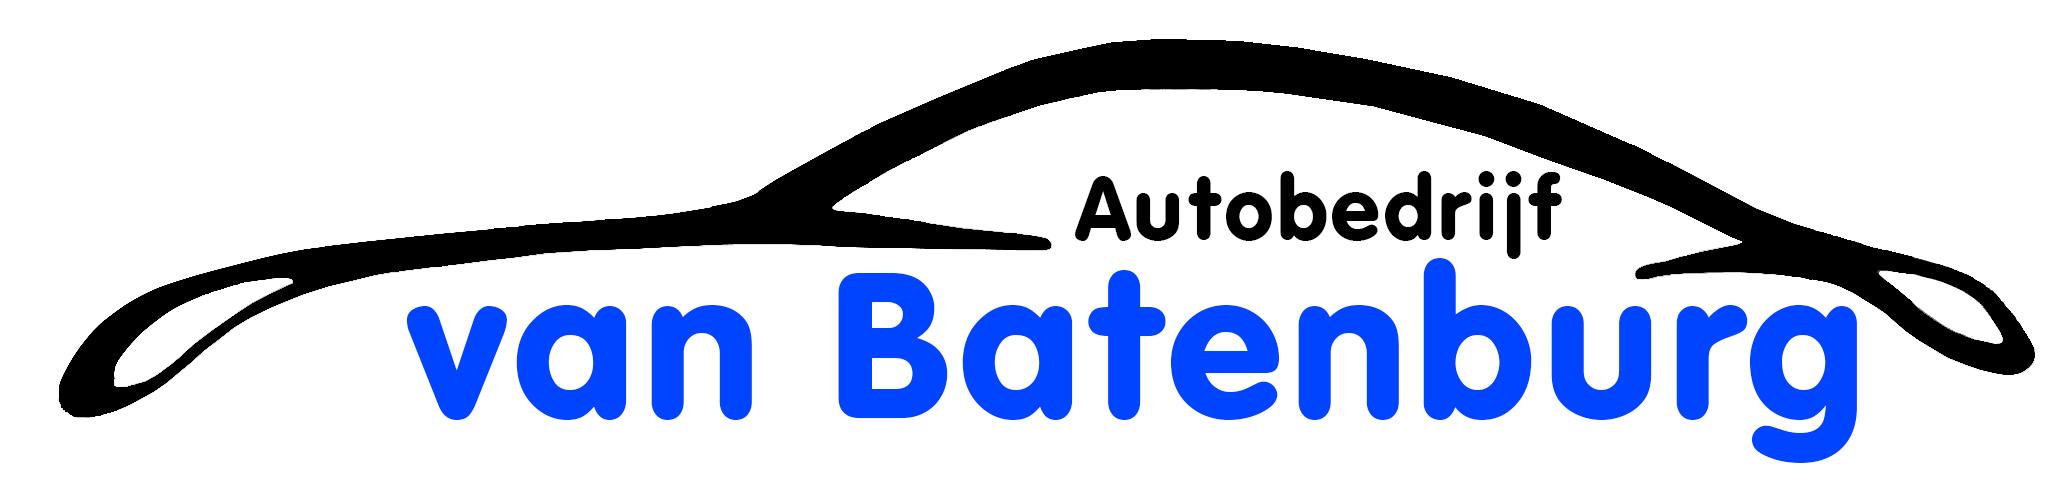 Autobedrijf van Batenburg | Den Haag